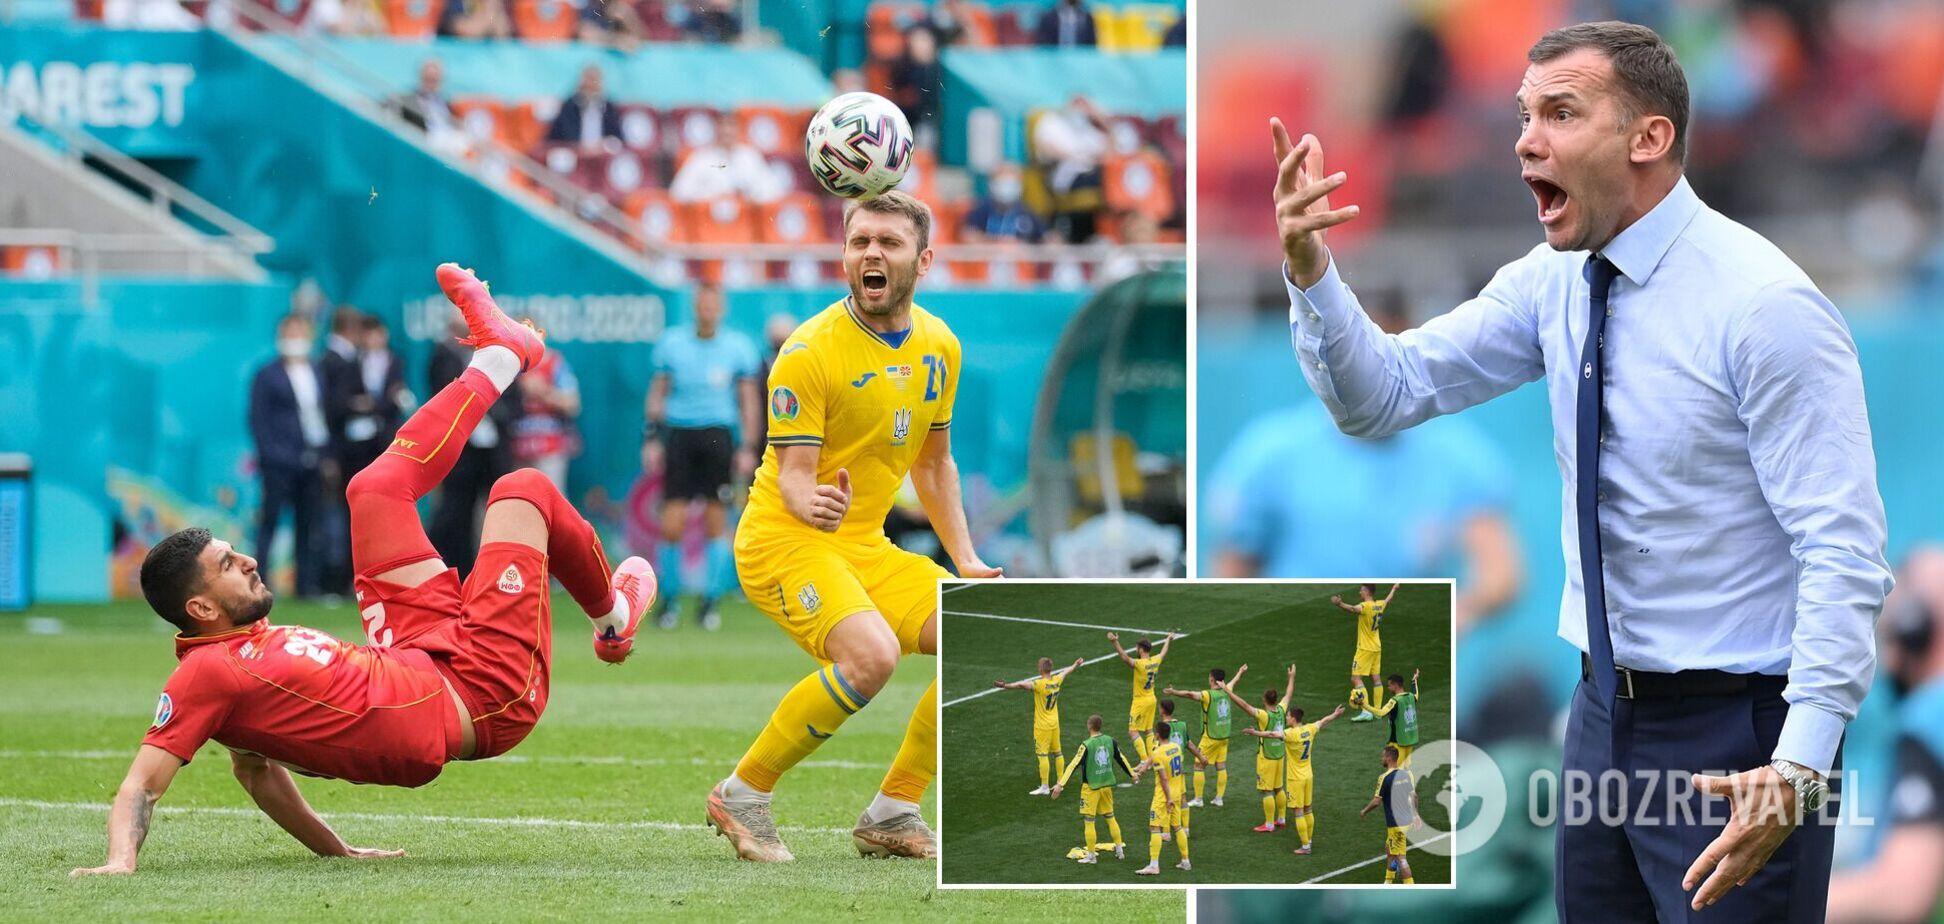 Матч Украина – Македония в 15 фото, увидев которые, вы точно захотите его пересмотреть